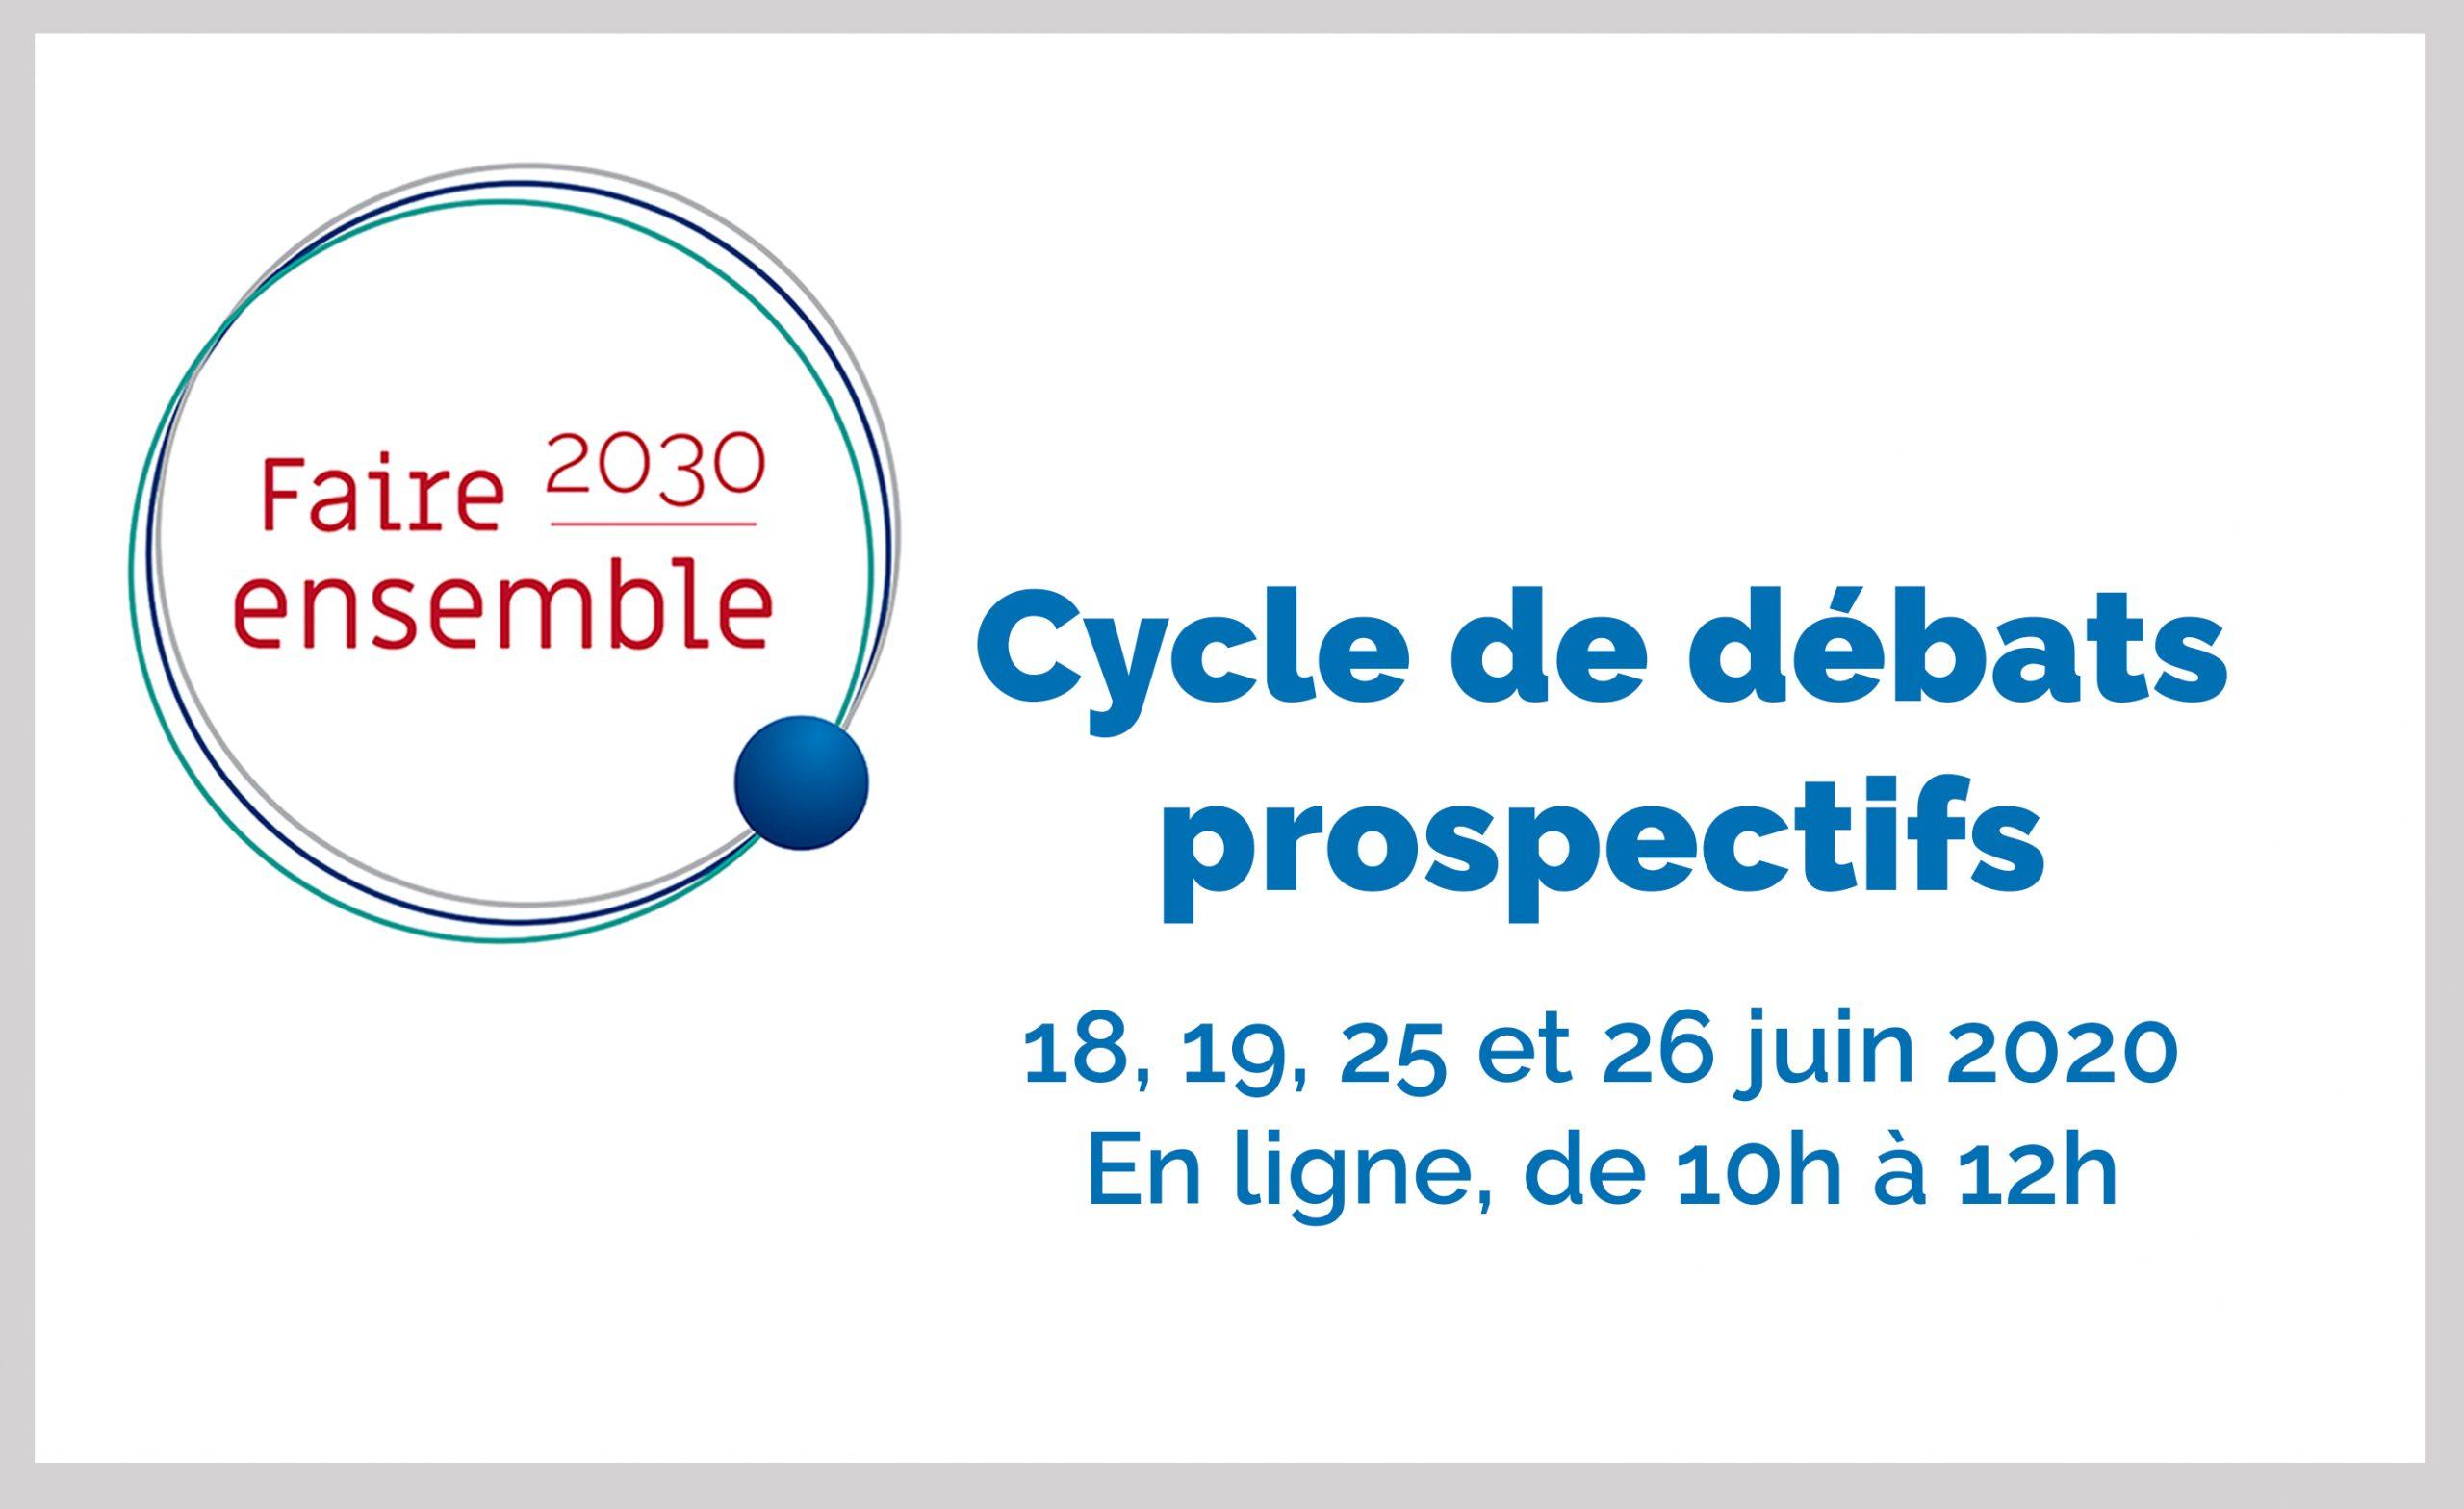 Faire 2030 ensemble : cycle de débats prospectifs